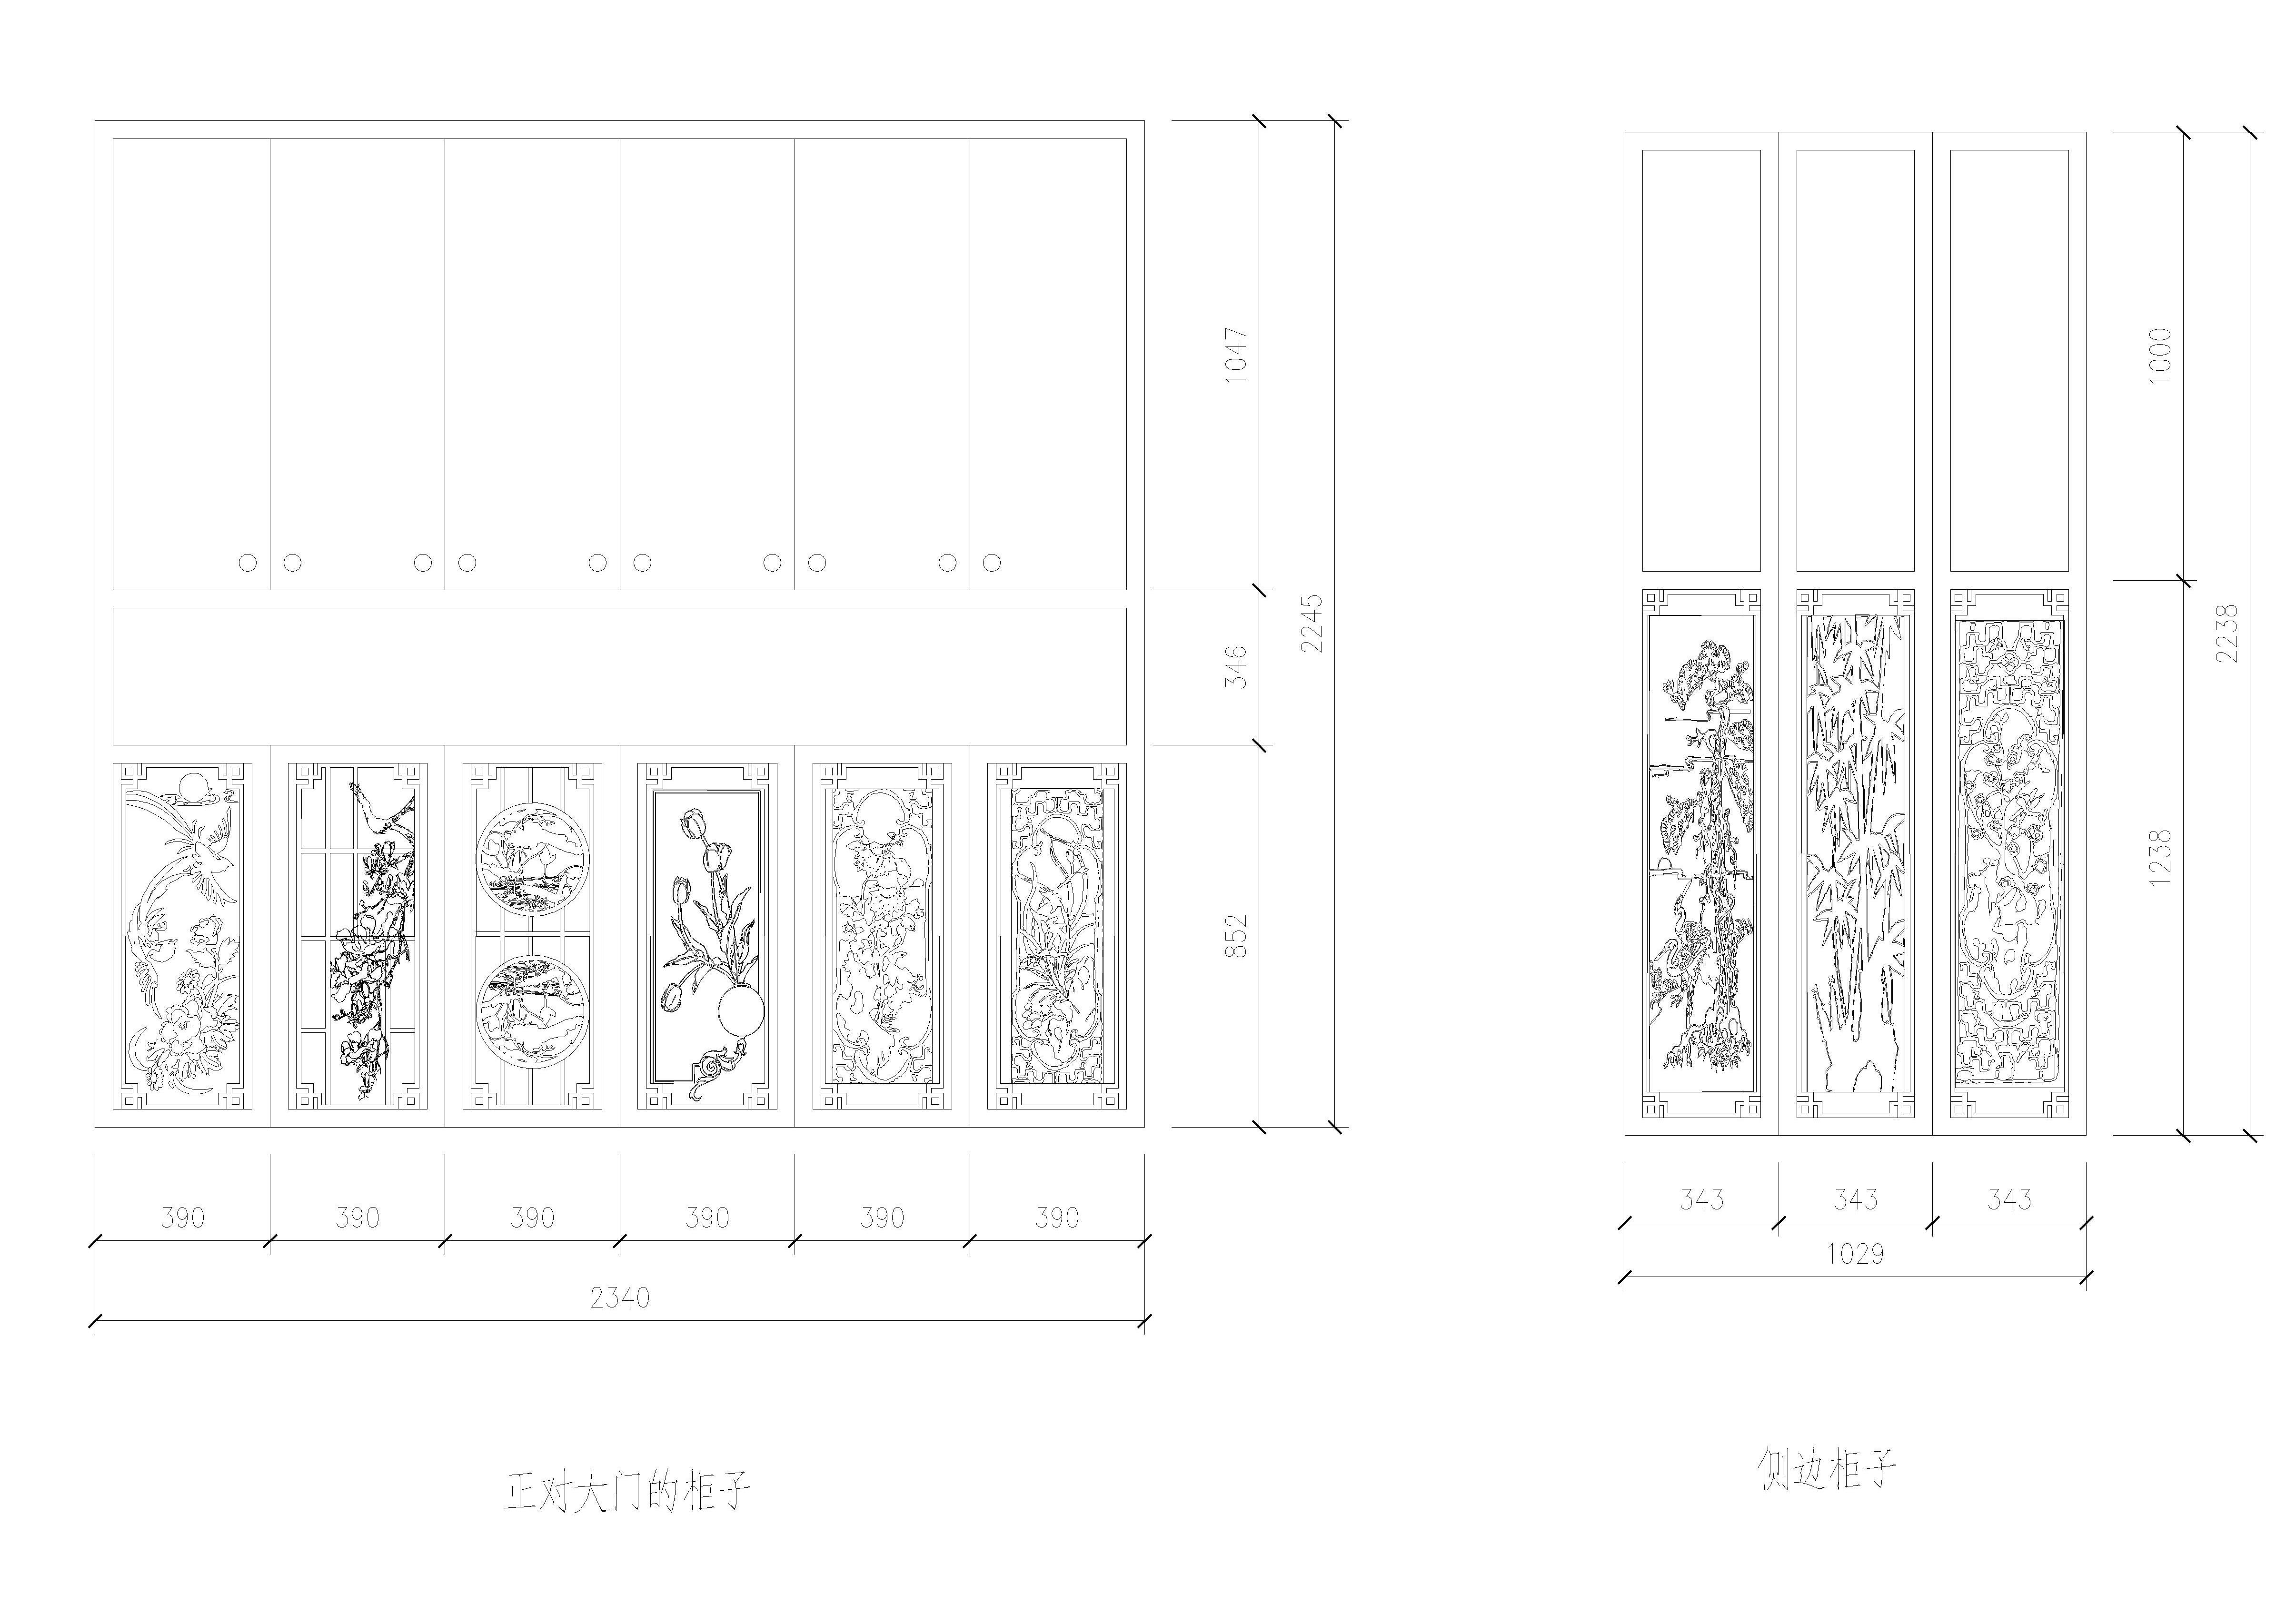 正对大门的门厅有一排柜子,上下两排,一排六扇,共十二扇柜门,上下门中间有留空。 侧边有一排柜子,上下两排,一排三扇,共六扇柜门,中间无留空。 准备用镂空的木雕覆上玻璃加上边框做柜门。 现在需要设计两个柜子下部,一个六扇,一个三扇,共九扇柜门木雕的镂空图案。大小尺寸样式见附件图示。 要求: 1、从1号到9号,图案分别是,牡丹、白玉兰、荷花、郁金香、向日葵、兰花、松、竹、梅。 2、适合于木雕工艺。 3、每个图案的长宽尺寸按照1-9号门的标注尺寸,留40MM的边框。 4、提交矢量图。